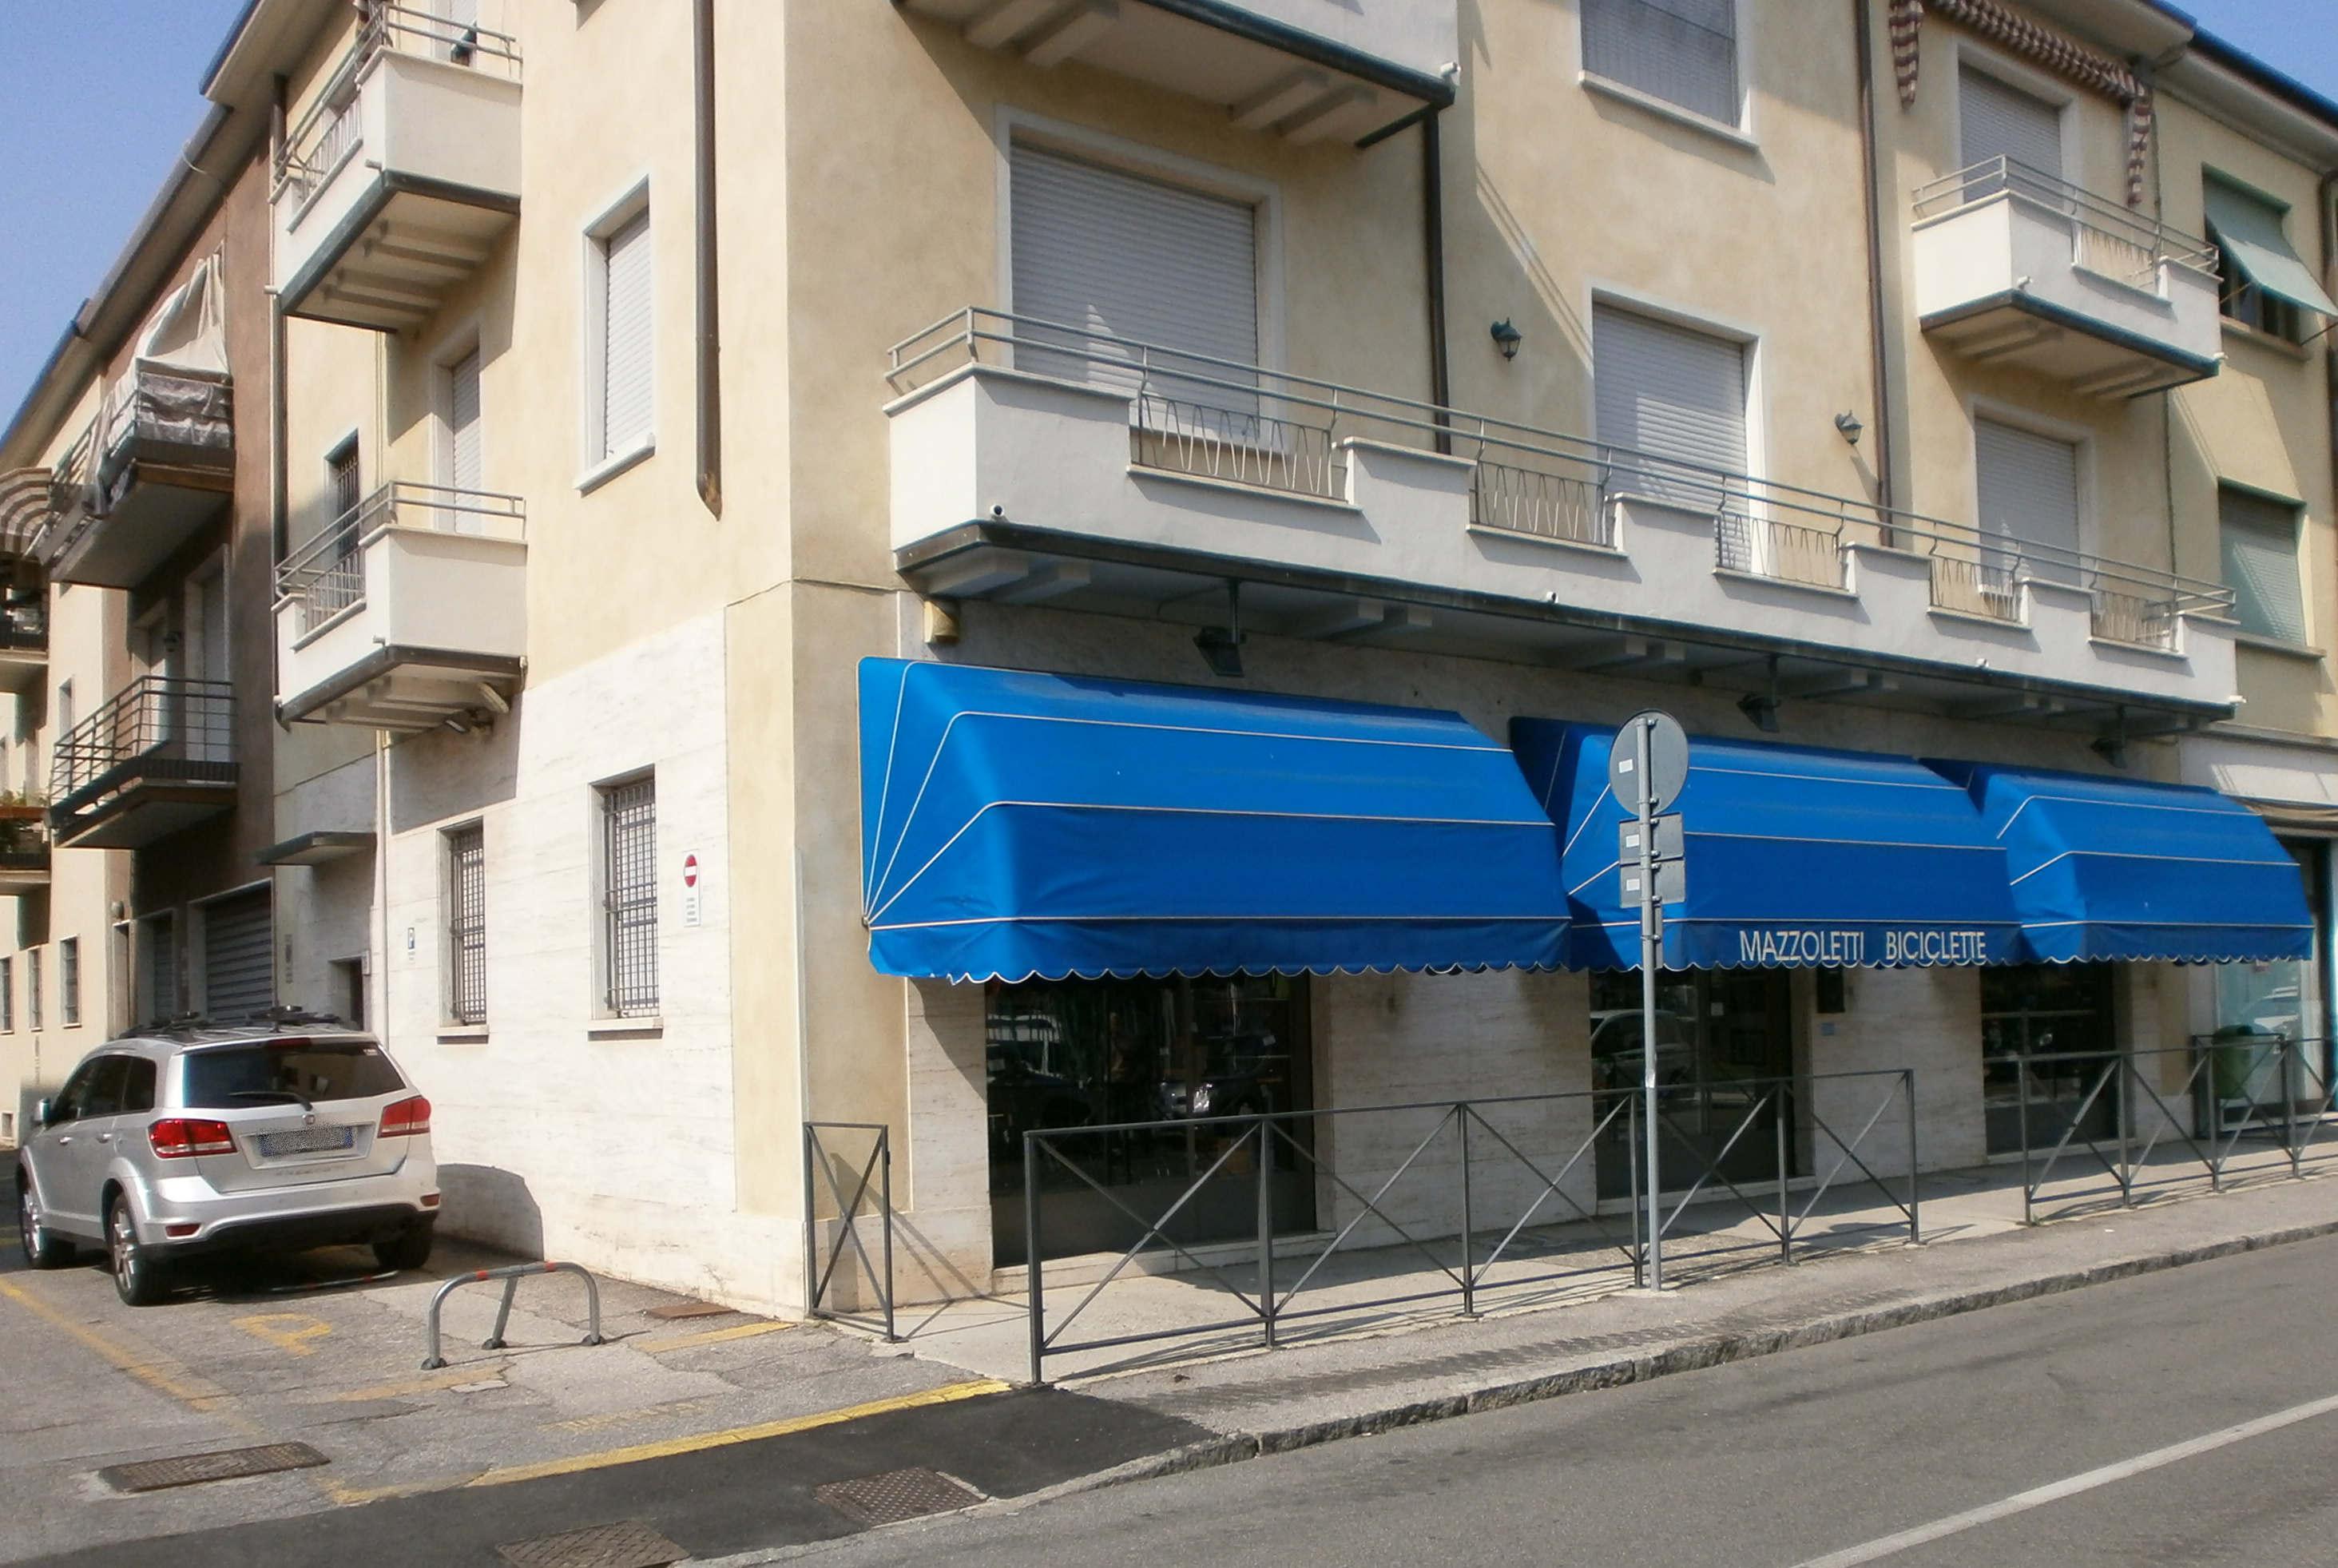 Negozio - Via A. Bianchi 22 -Brescia